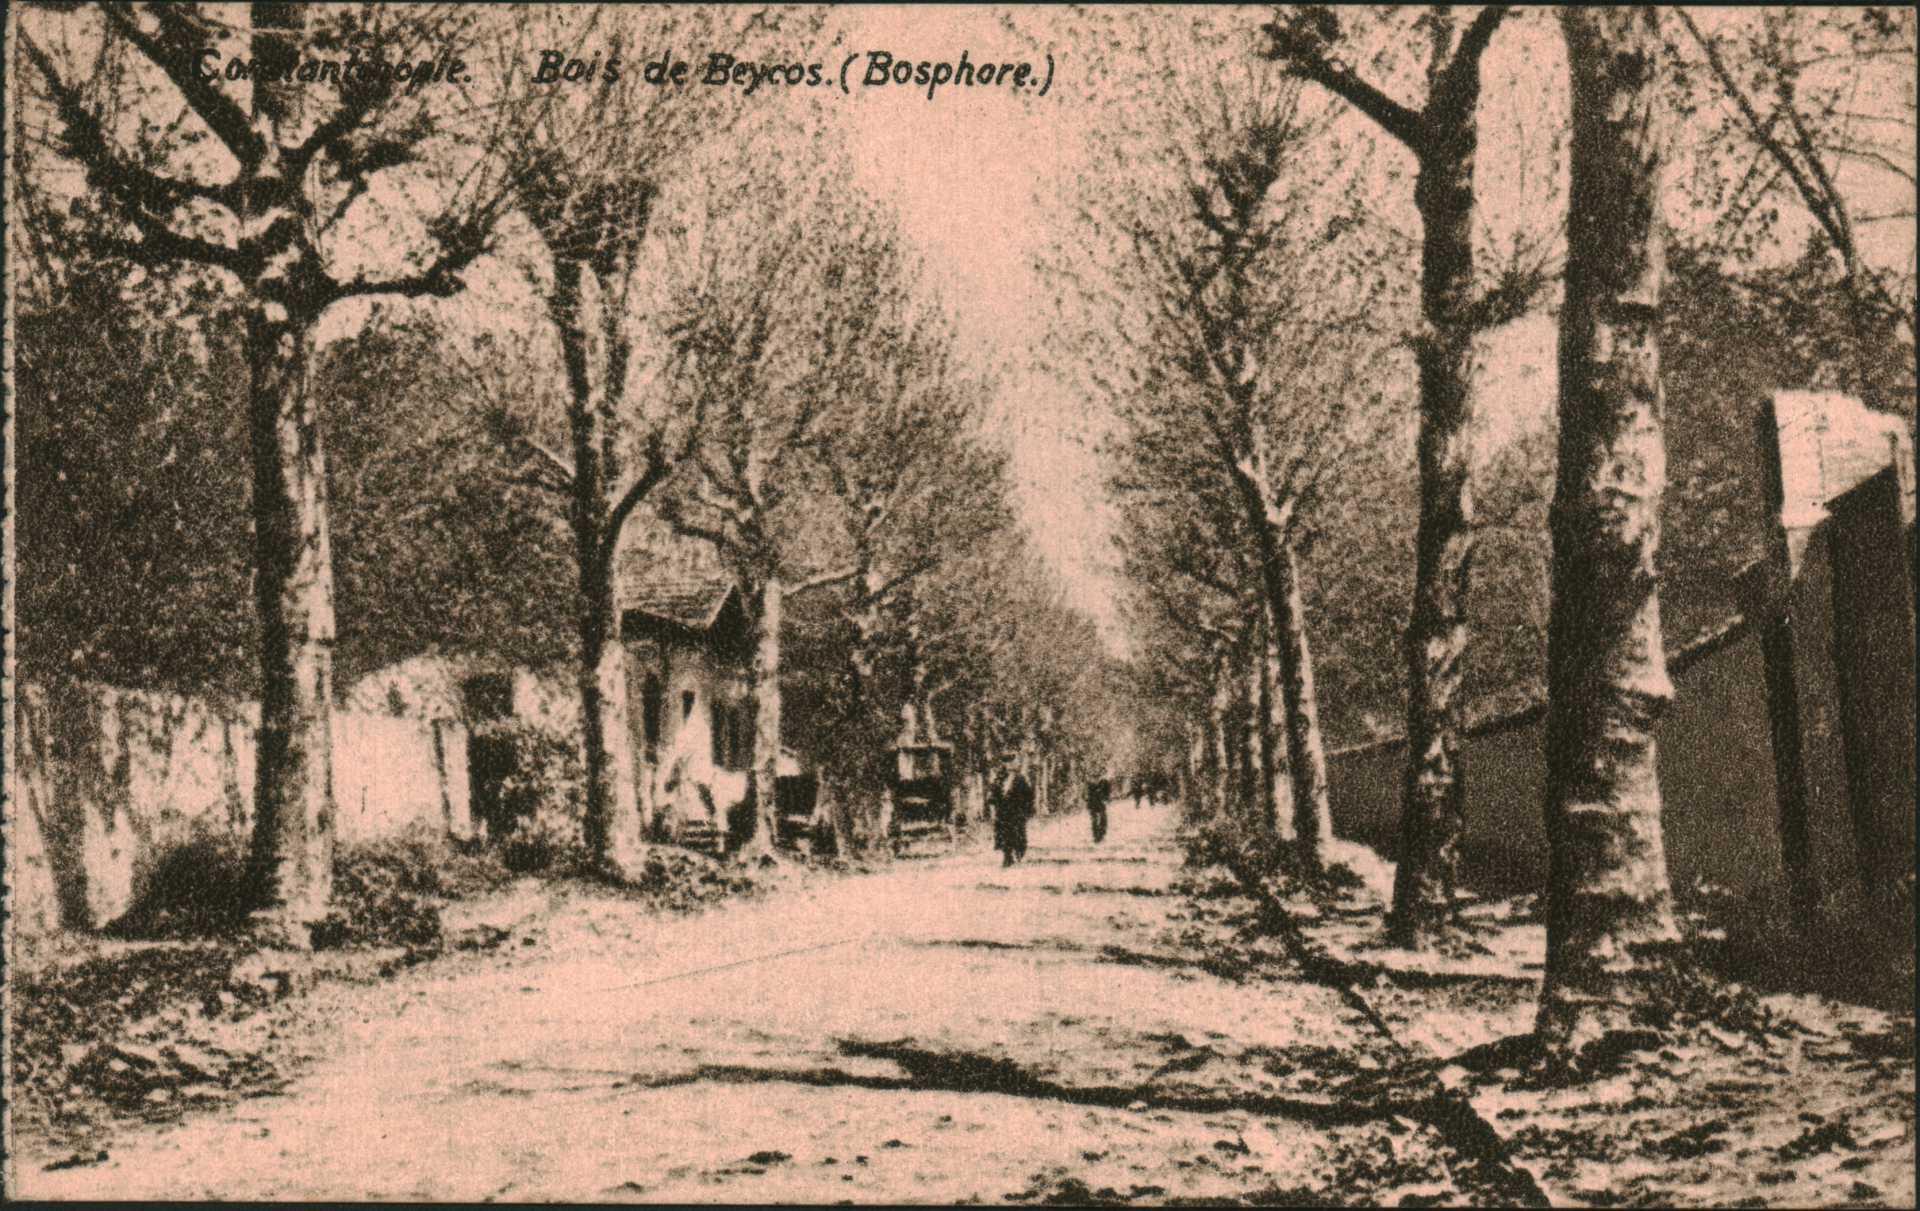 Constantinople – Bois de Beycos.(Bosphore)